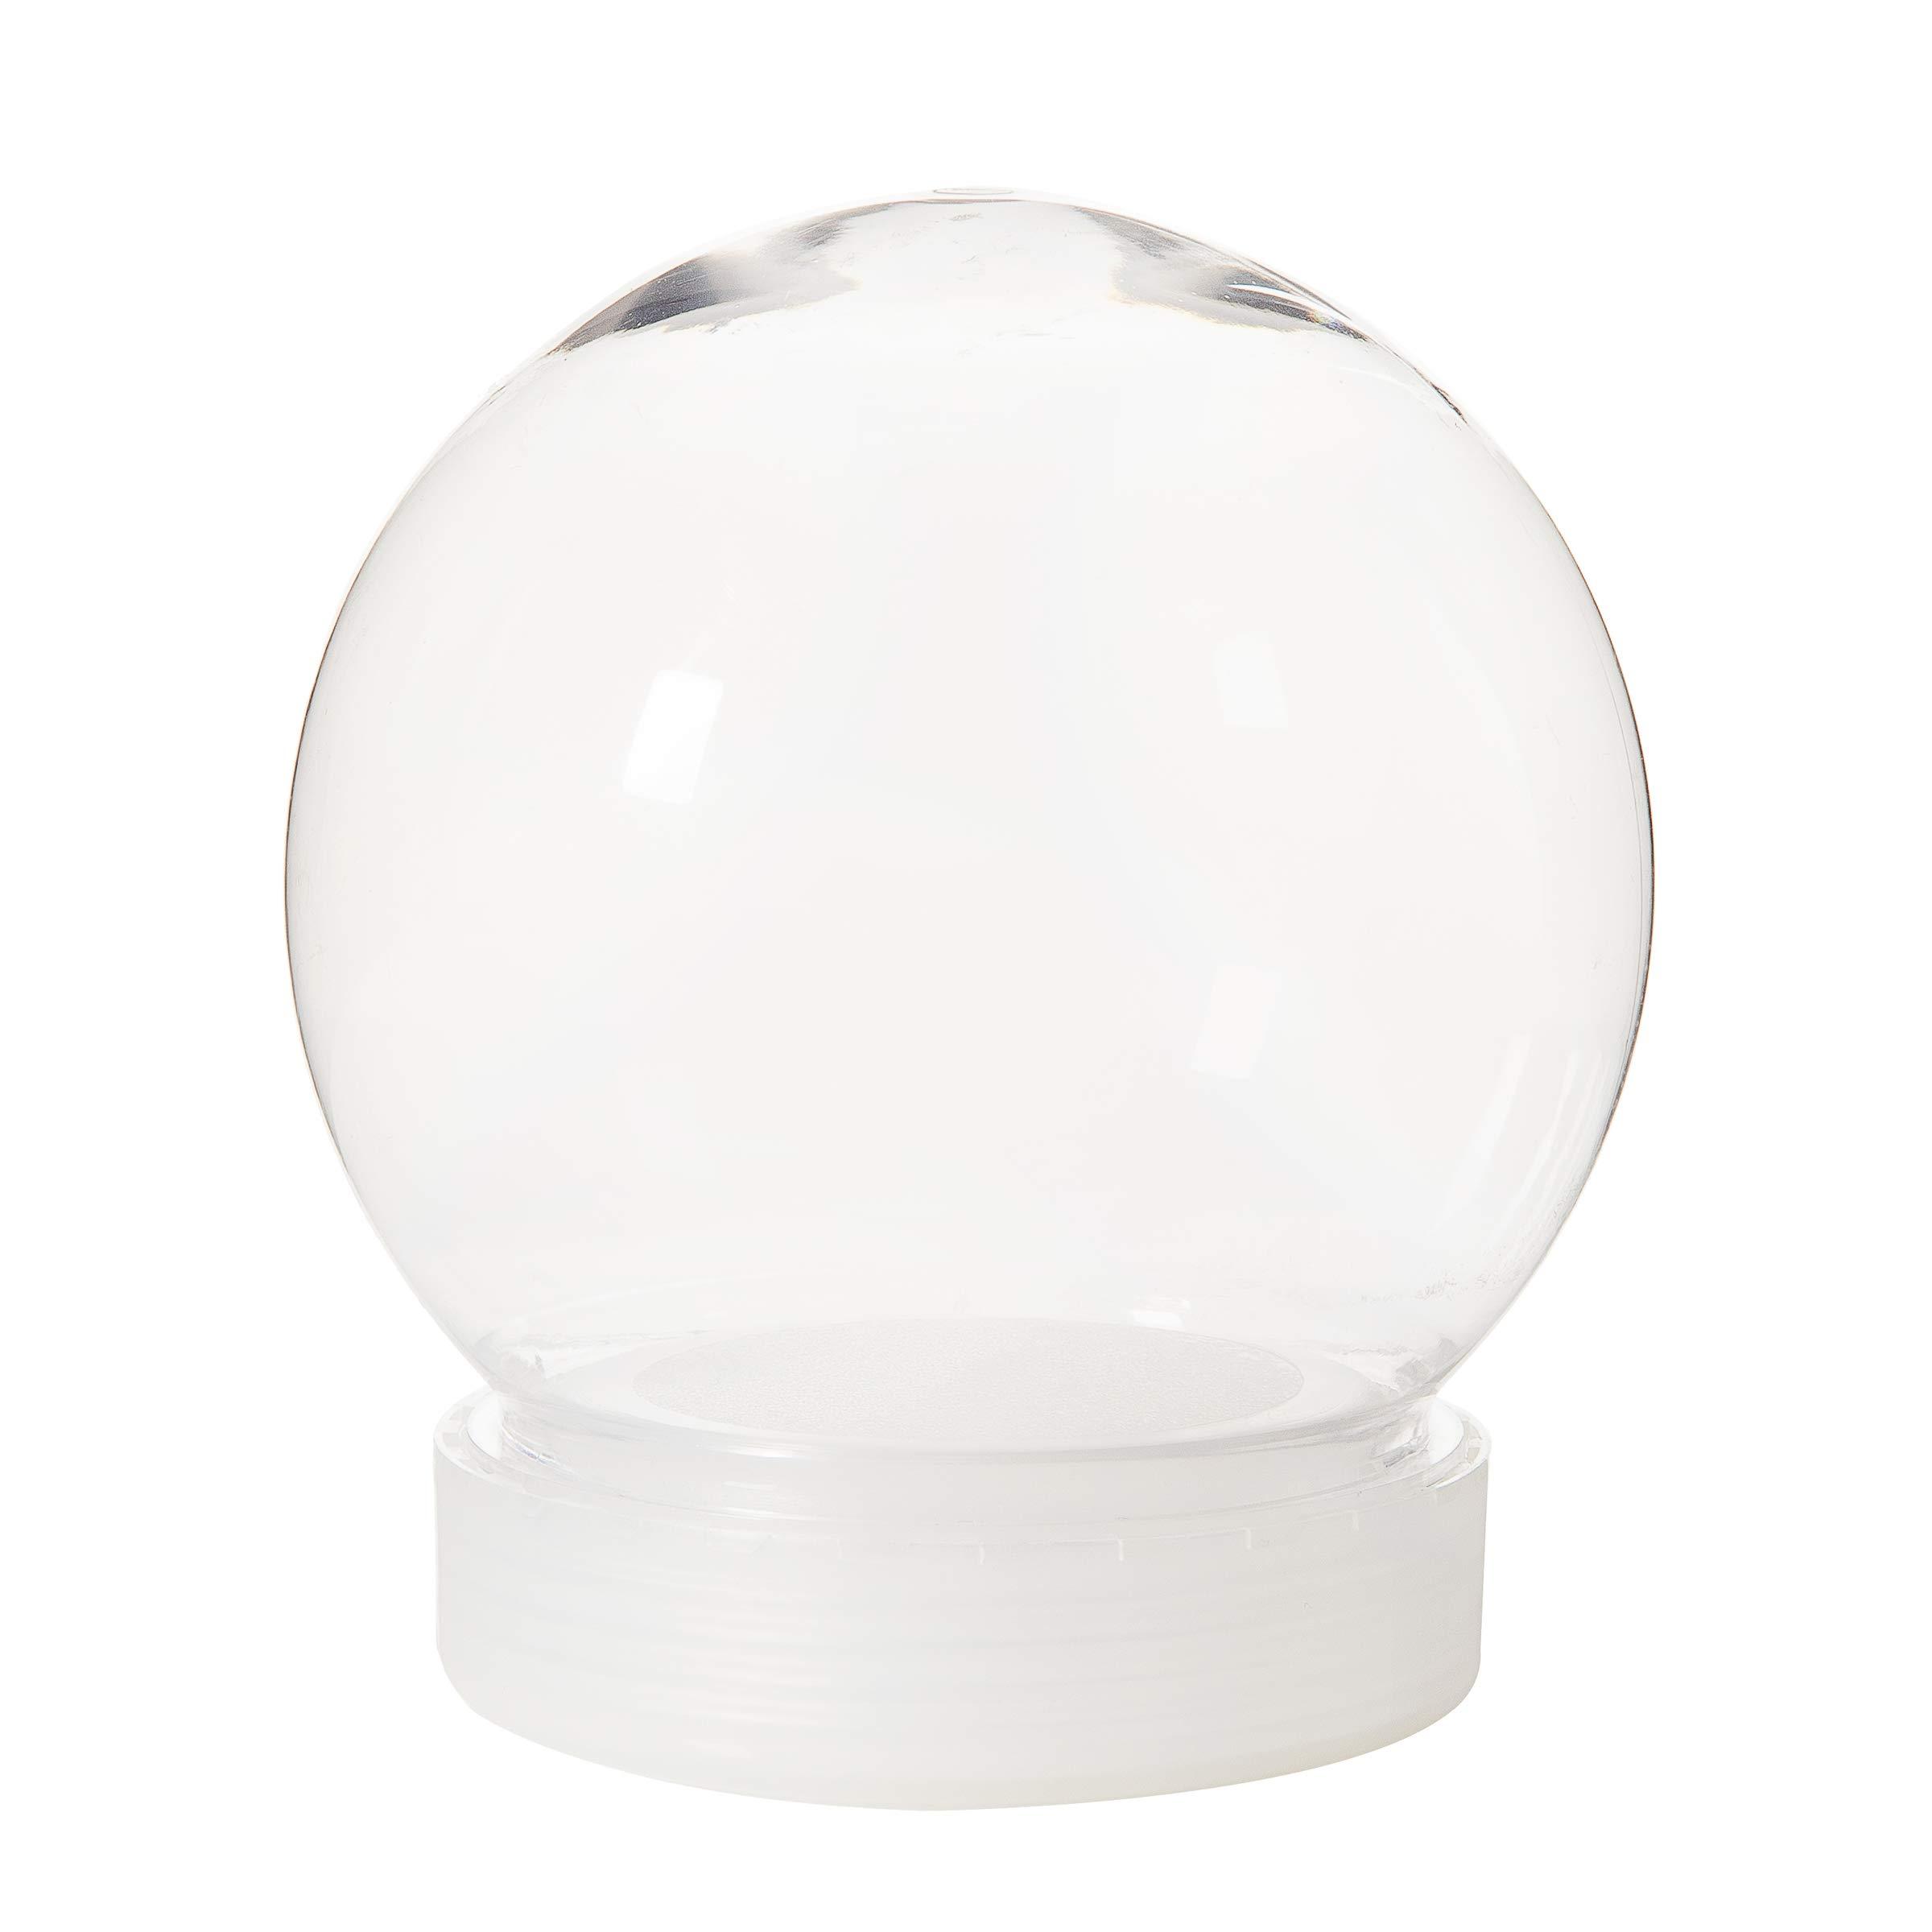 Darice 30066385 Plastic 130mm Waterglobe